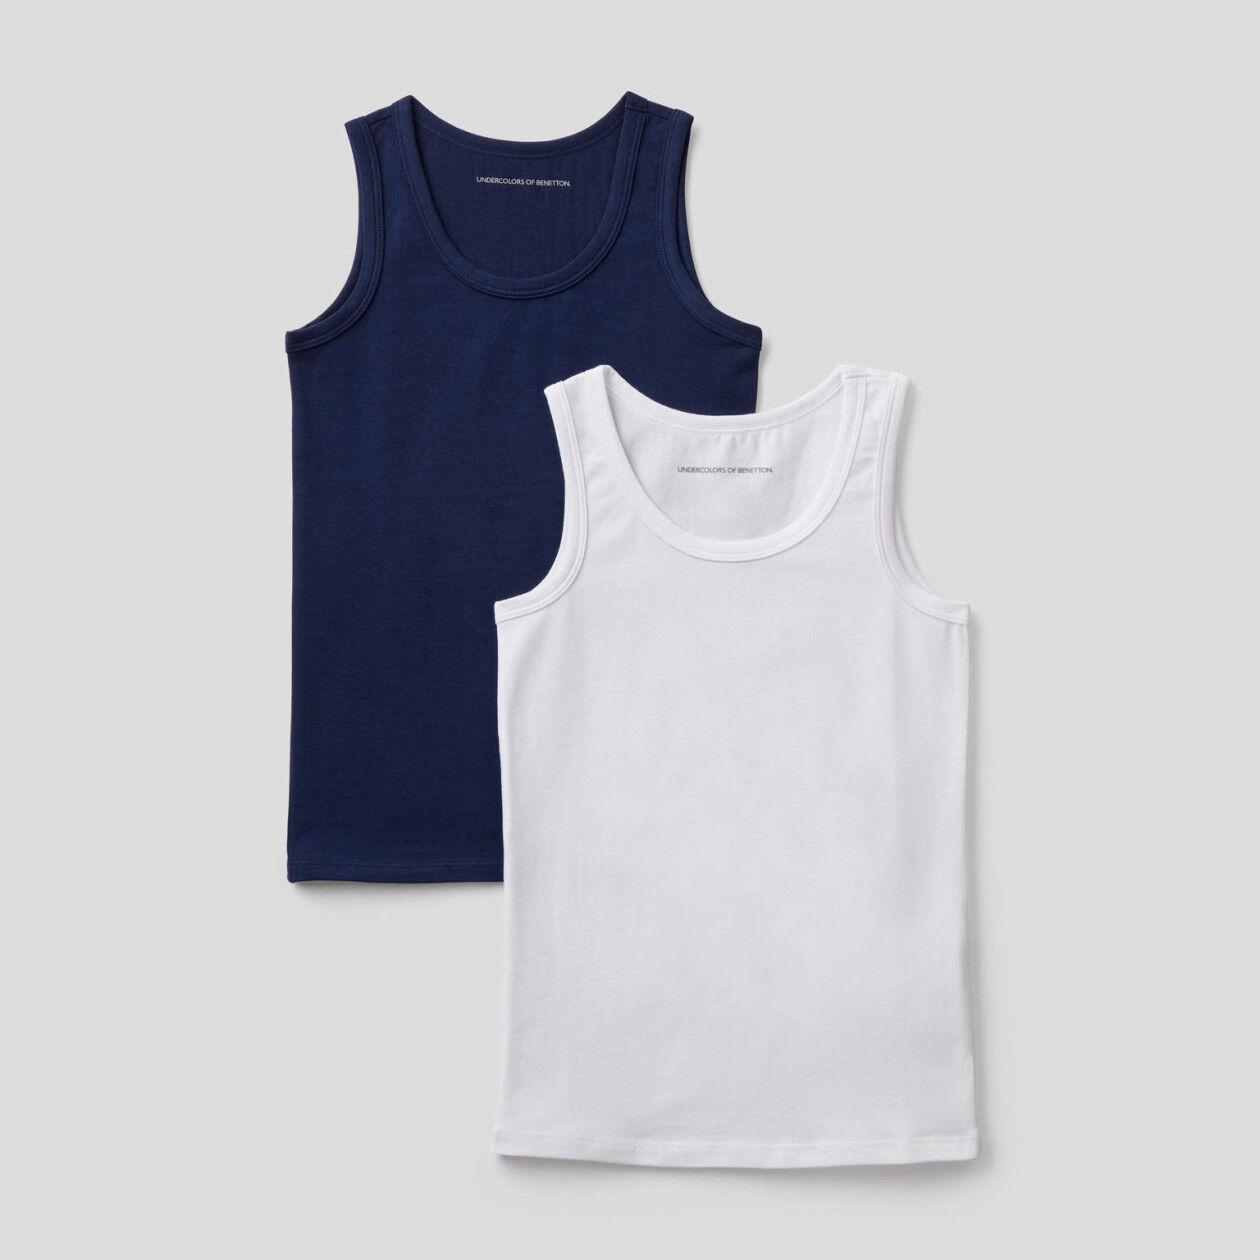 Zwei Unterhemden aus stretchiger Baumwolle